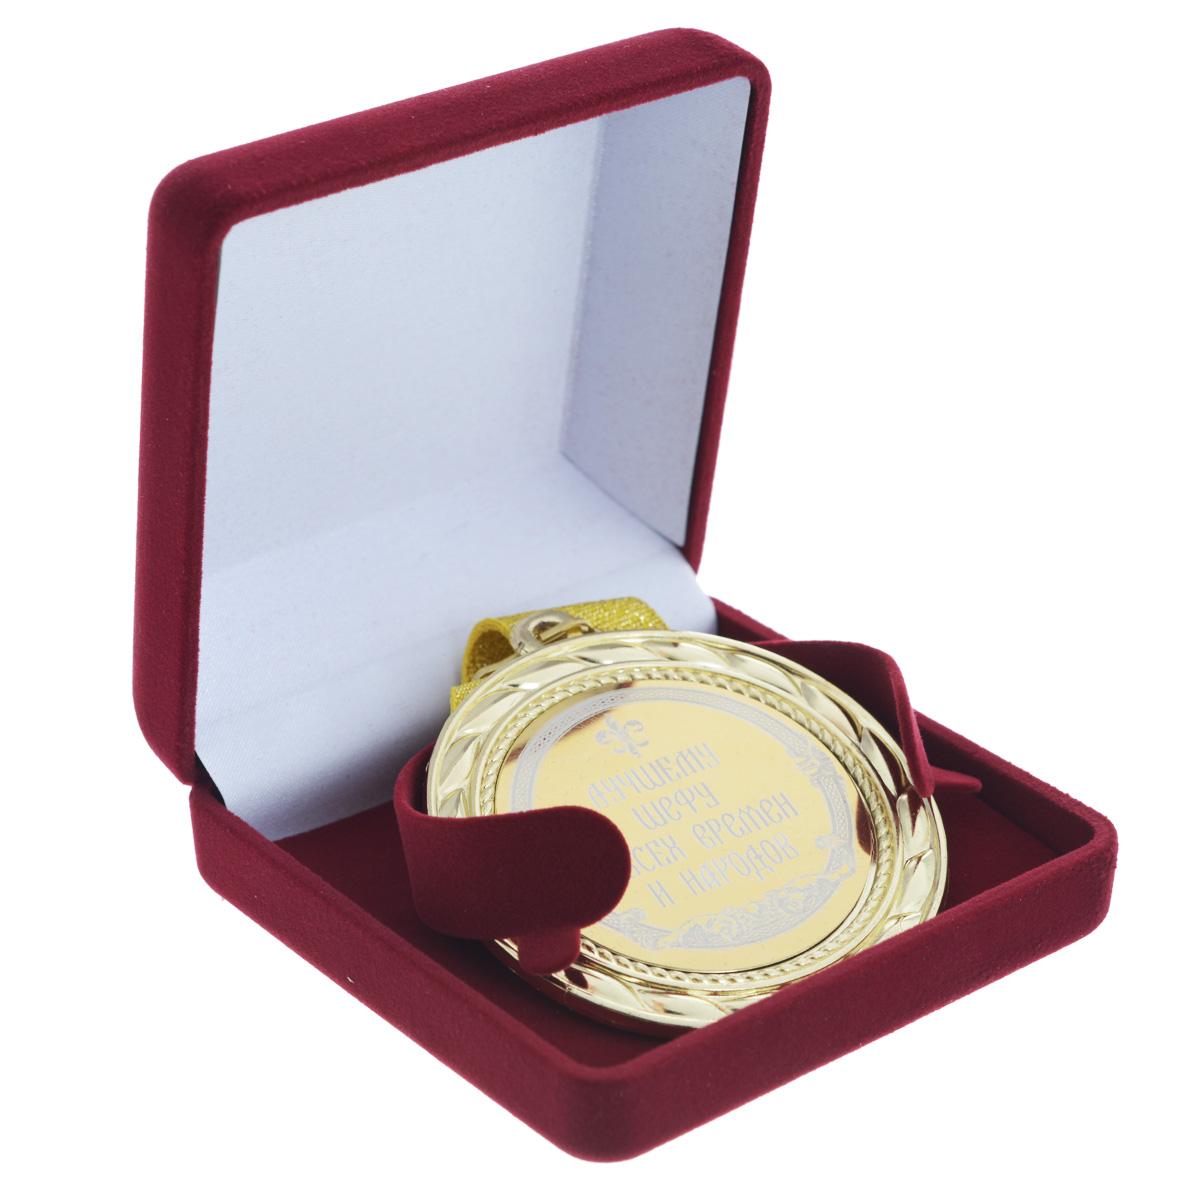 Медаль сувенирная Лучшему шефу всех времен и народов. 15 72615 726Сувенирная медаль, выполненная из металла золотистого цвета и оформленная надписью Лучшему шефу всех времен и народов, станет оригинальным и неожиданным подарком для каждого. К медали крепится золотистая лента. Такая медаль станет веселым памятным подарком и принесет массу положительных эмоций своему обладателю. Медаль упакована в подарочный футляр, обтянутый бархатистой тканью бордового цвета. Диаметр медали: 7 см. Толщина медали: 0,3 мм. Длина ленты: 37 см.